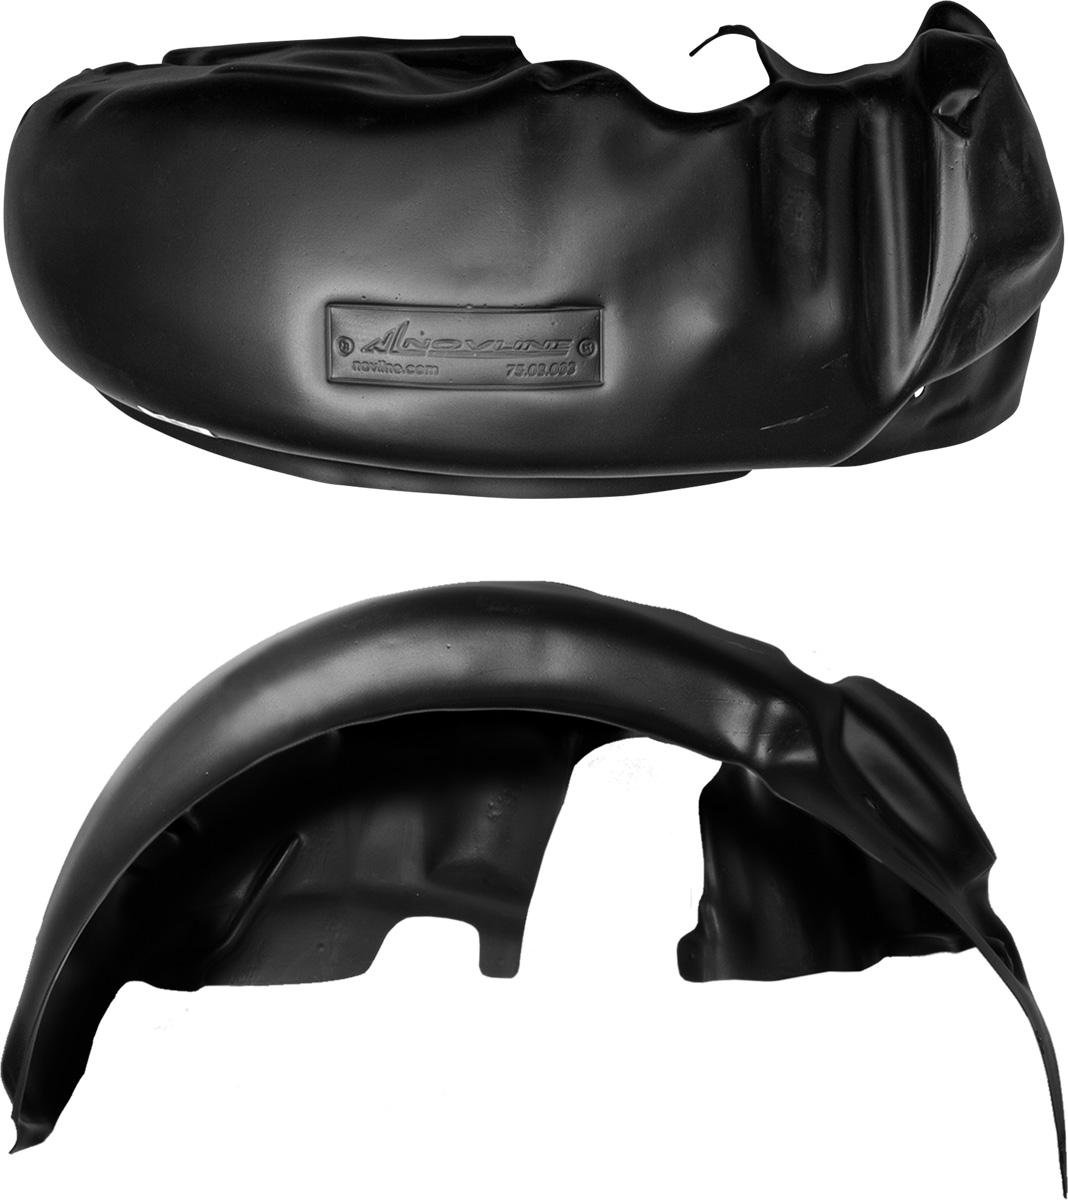 Подкрылок Novline-Autofamily, для Geely Emgrand EC7, 2011->, передний правыйNLL.75.05.002Колесные ниши - одни из самых уязвимых зон днища вашего автомобиля. Они постоянно подвергаются воздействию со стороны дороги. Лучшая, почти абсолютная защита для них - специально отформованные пластиковые кожухи, которые называются подкрылками. Производятся они как для отечественных моделей автомобилей, так и для иномарок. Подкрылки Novline-Autofamily выполнены из высококачественного, экологически чистого пластика. Обеспечивают надежную защиту кузова автомобиля от пескоструйного эффекта и негативного влияния, агрессивных антигололедных реагентов. Пластик обладает более низкой теплопроводностью, чем металл, поэтому в зимний период эксплуатации использование пластиковых подкрылков позволяет лучше защитить колесные ниши от налипания снега и образования наледи. Оригинальность конструкции подчеркивает элегантность автомобиля, бережно защищает нанесенное на днище кузова антикоррозийное покрытие и позволяет осуществить крепление подкрылков внутри колесной арки практически без дополнительного крепежа и сверления, не нарушая при этом лакокрасочного покрытия, что предотвращает возникновение новых очагов коррозии. Подкрылки долговечны, обладают высокой прочностью и сохраняют заданную форму, а также все свои физико-механические характеристики в самых тяжелых климатических условиях (от -50°С до +50°С).Уважаемые клиенты!Обращаем ваше внимание, на тот факт, что подкрылок имеет форму, соответствующую модели данного автомобиля. Фото служит для визуального восприятия товара.